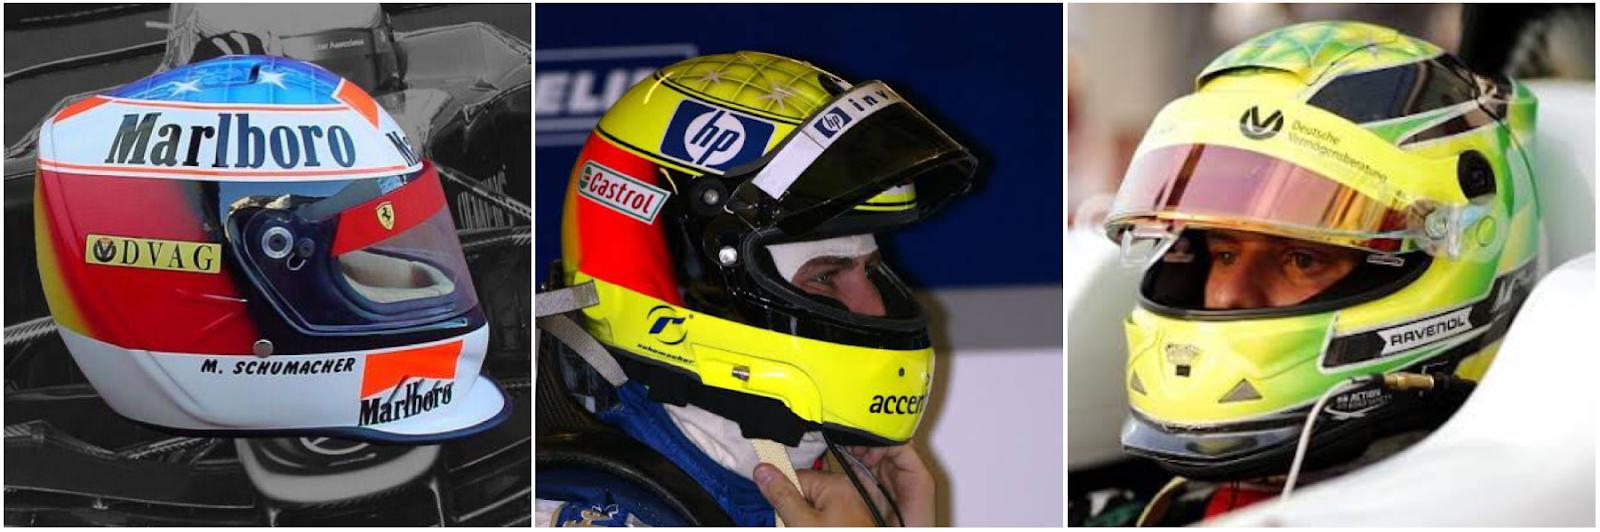 Schumacher cascos